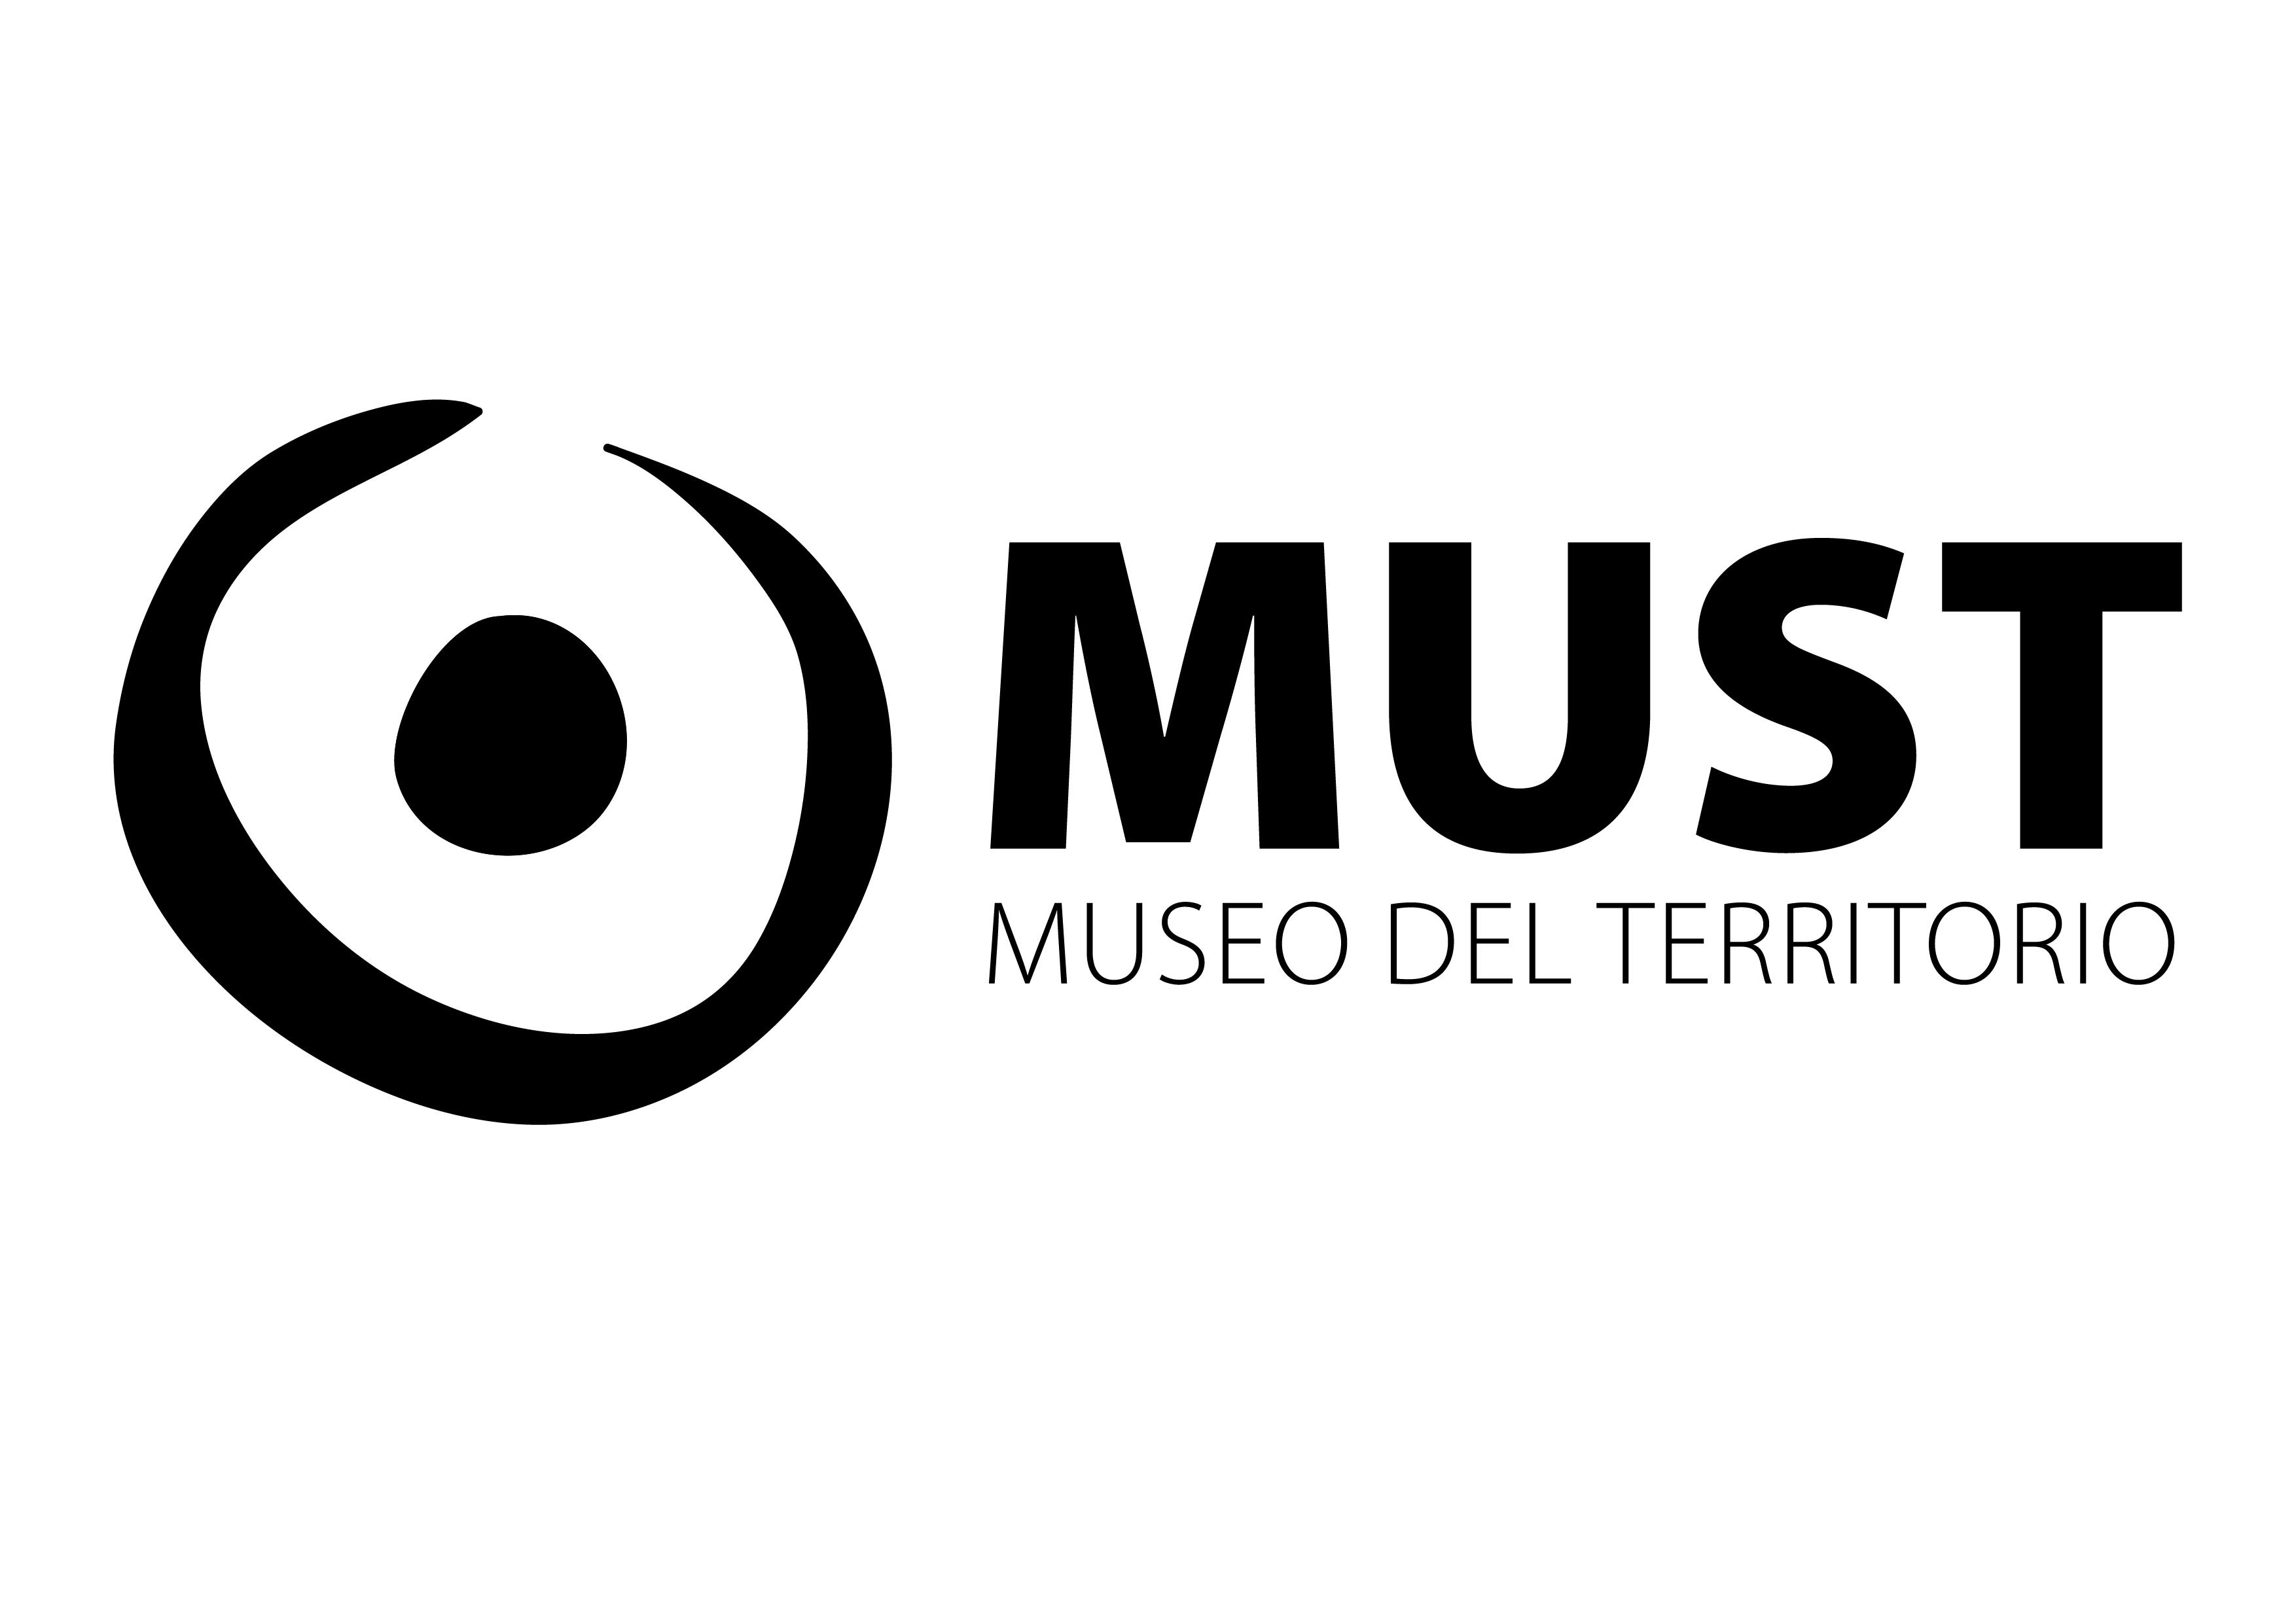 Vimercate_logo_MUST.jpg